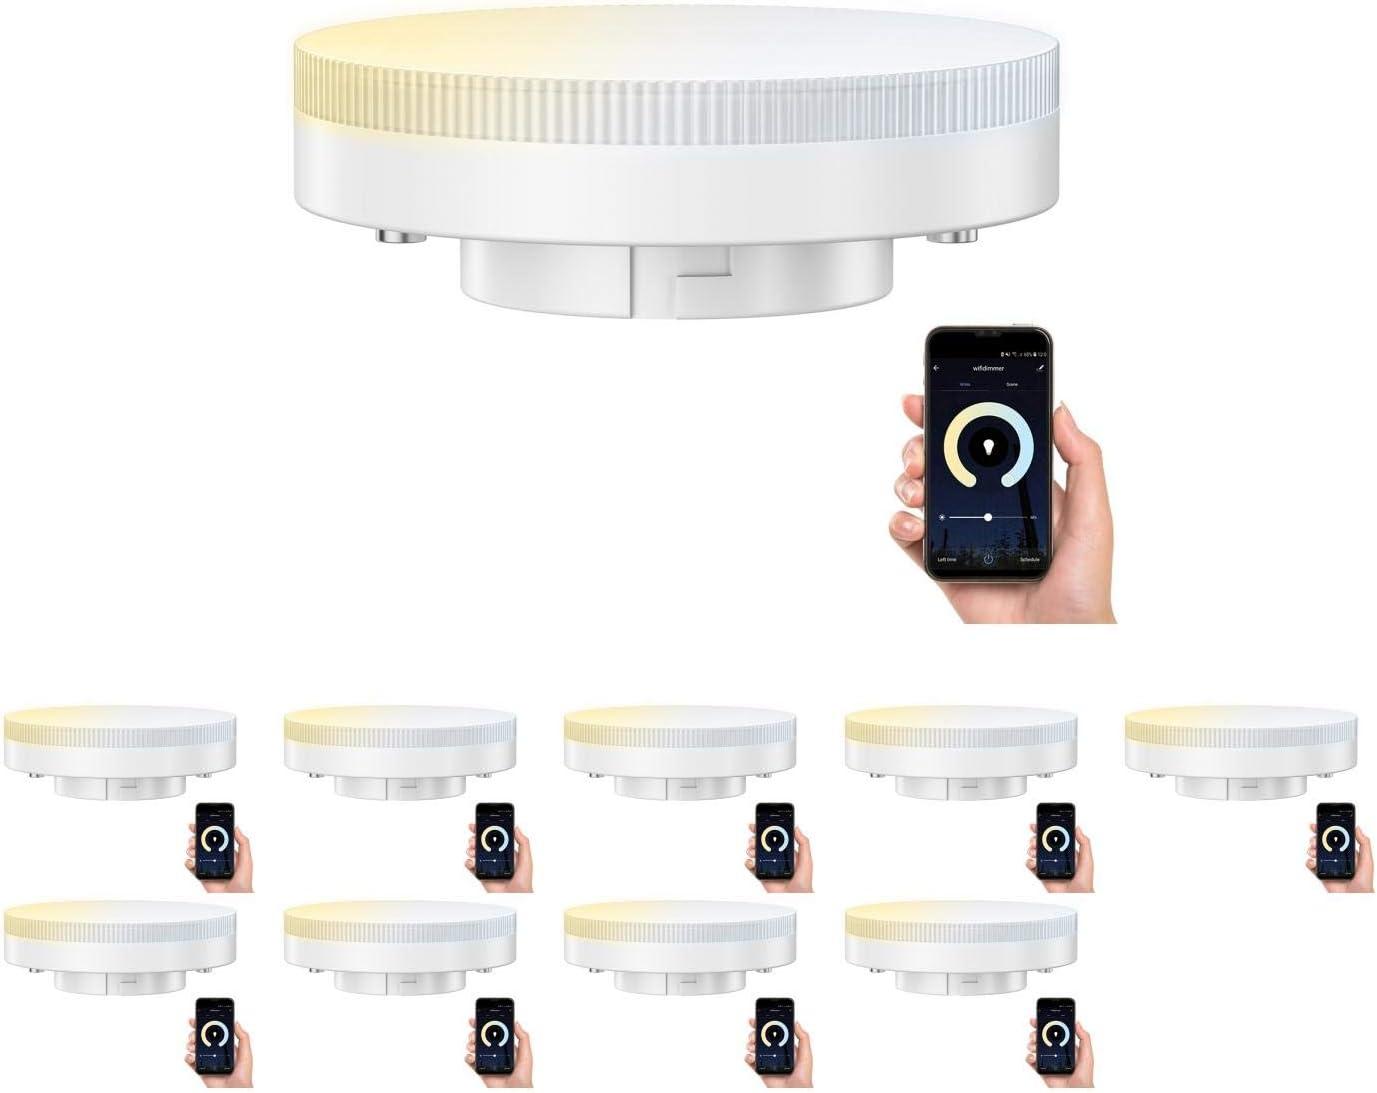 LED-Leuchtmittel GX53 1000 lm Abstrahlwinkel verstellbar dimmbar dimmbar//warm